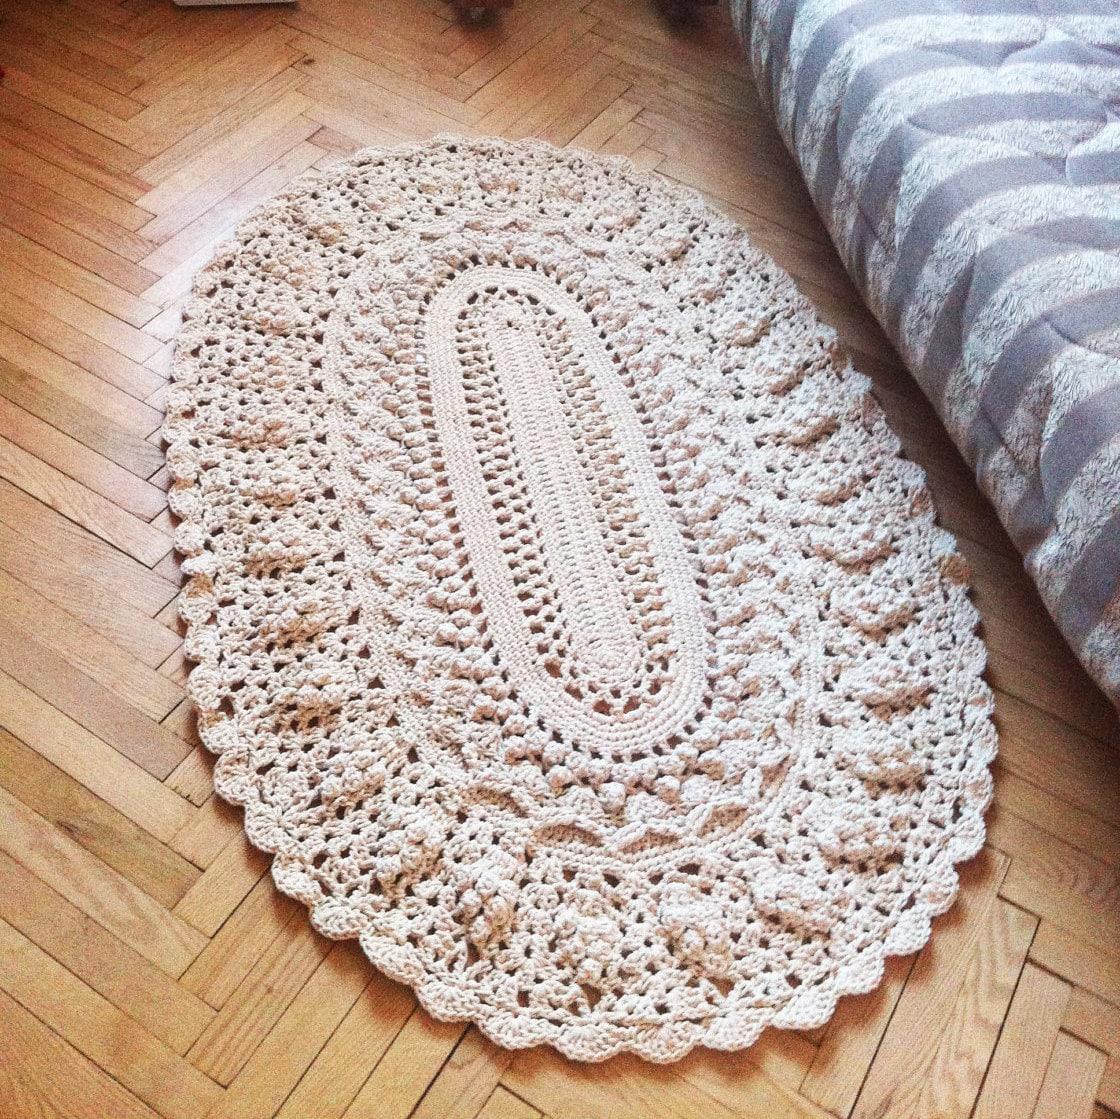 Hermosa Round Crochet Rug Pattern Composición - Manta de Tejer ...